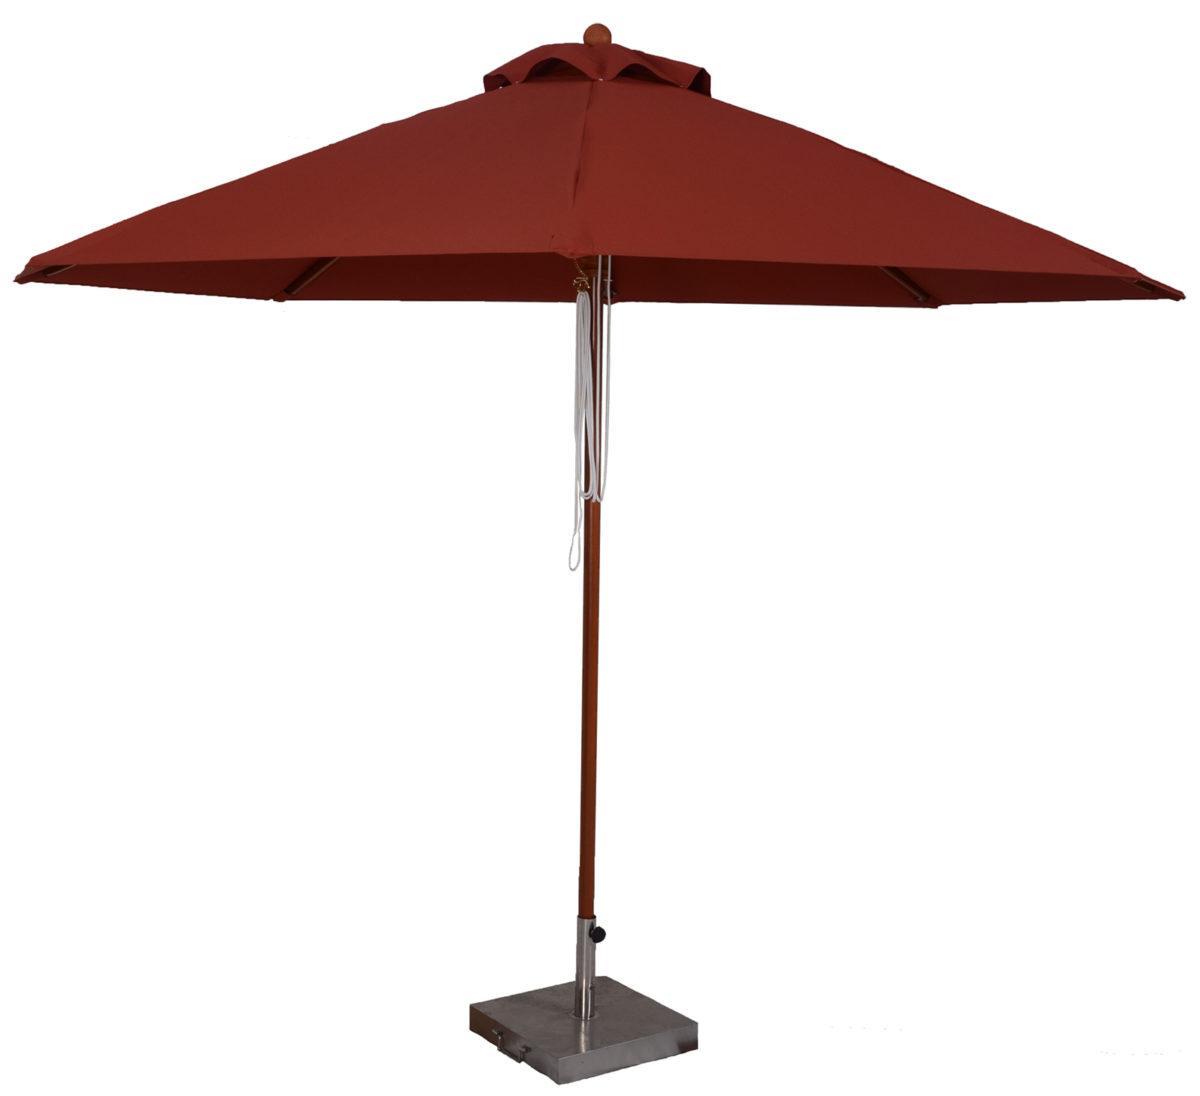 f2849b711c 11 Ft. Wood Market Umbrella